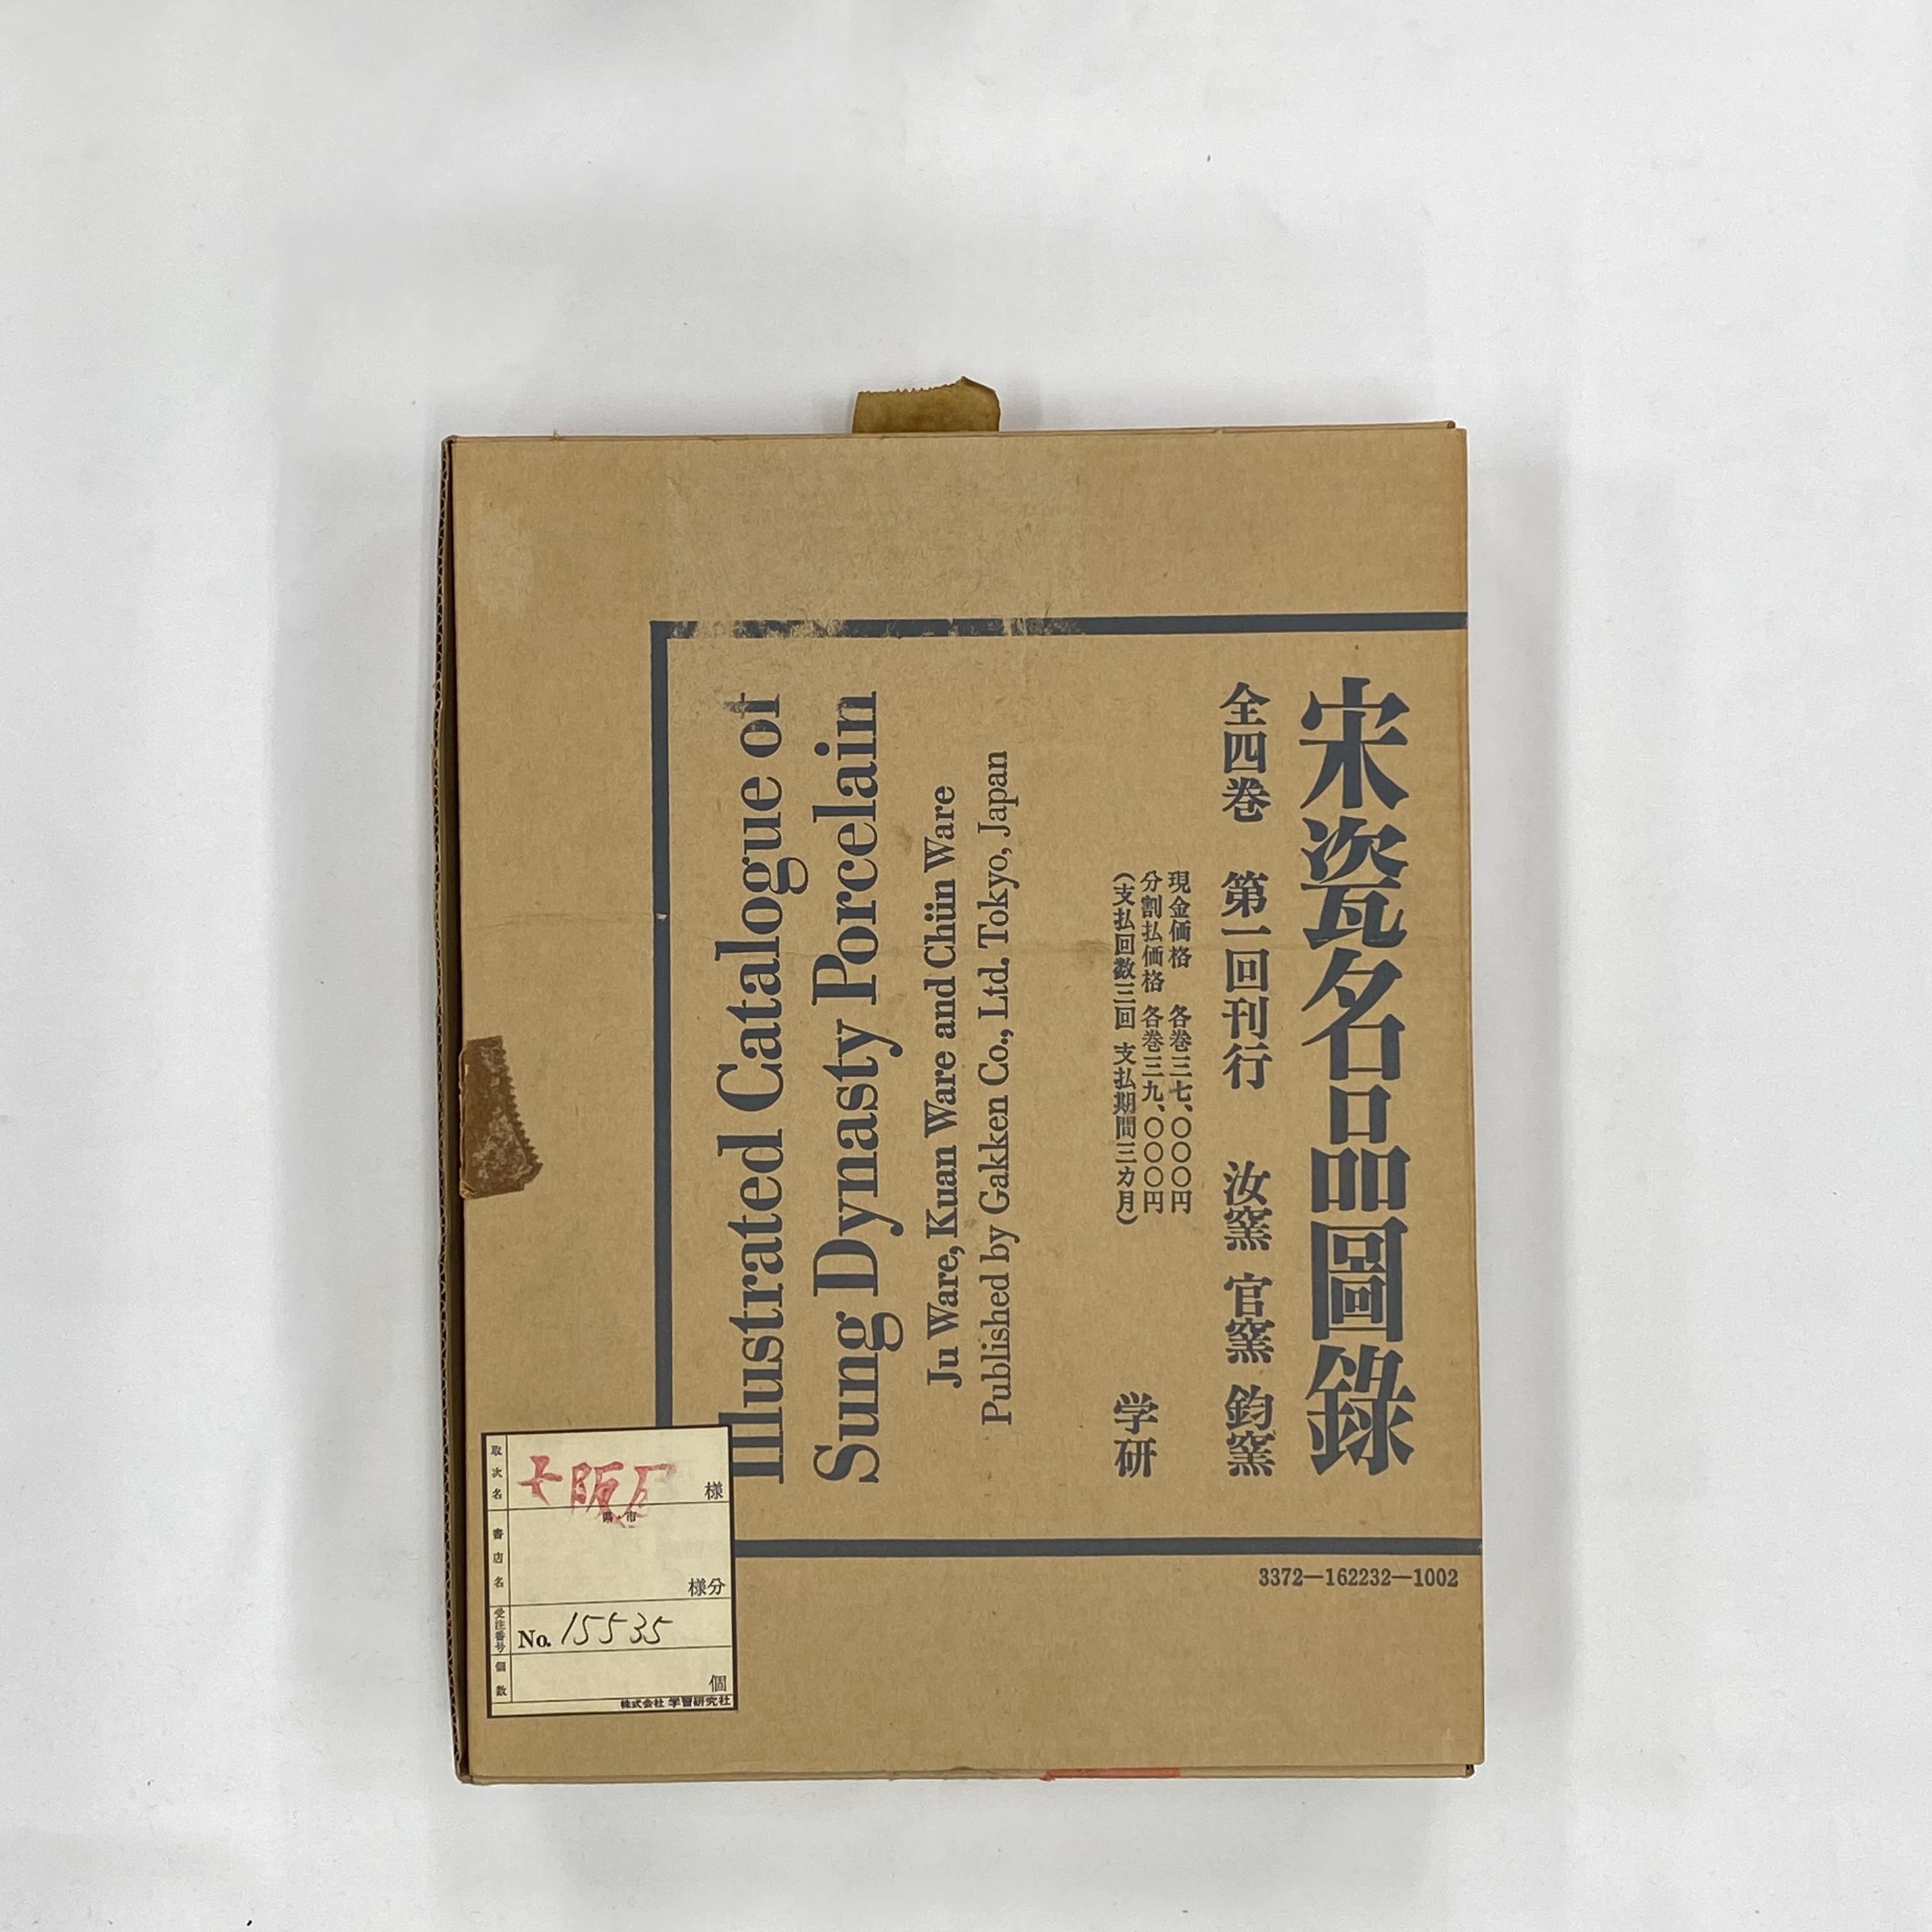 20655「宋瓷名品図録」全冊38×28cm